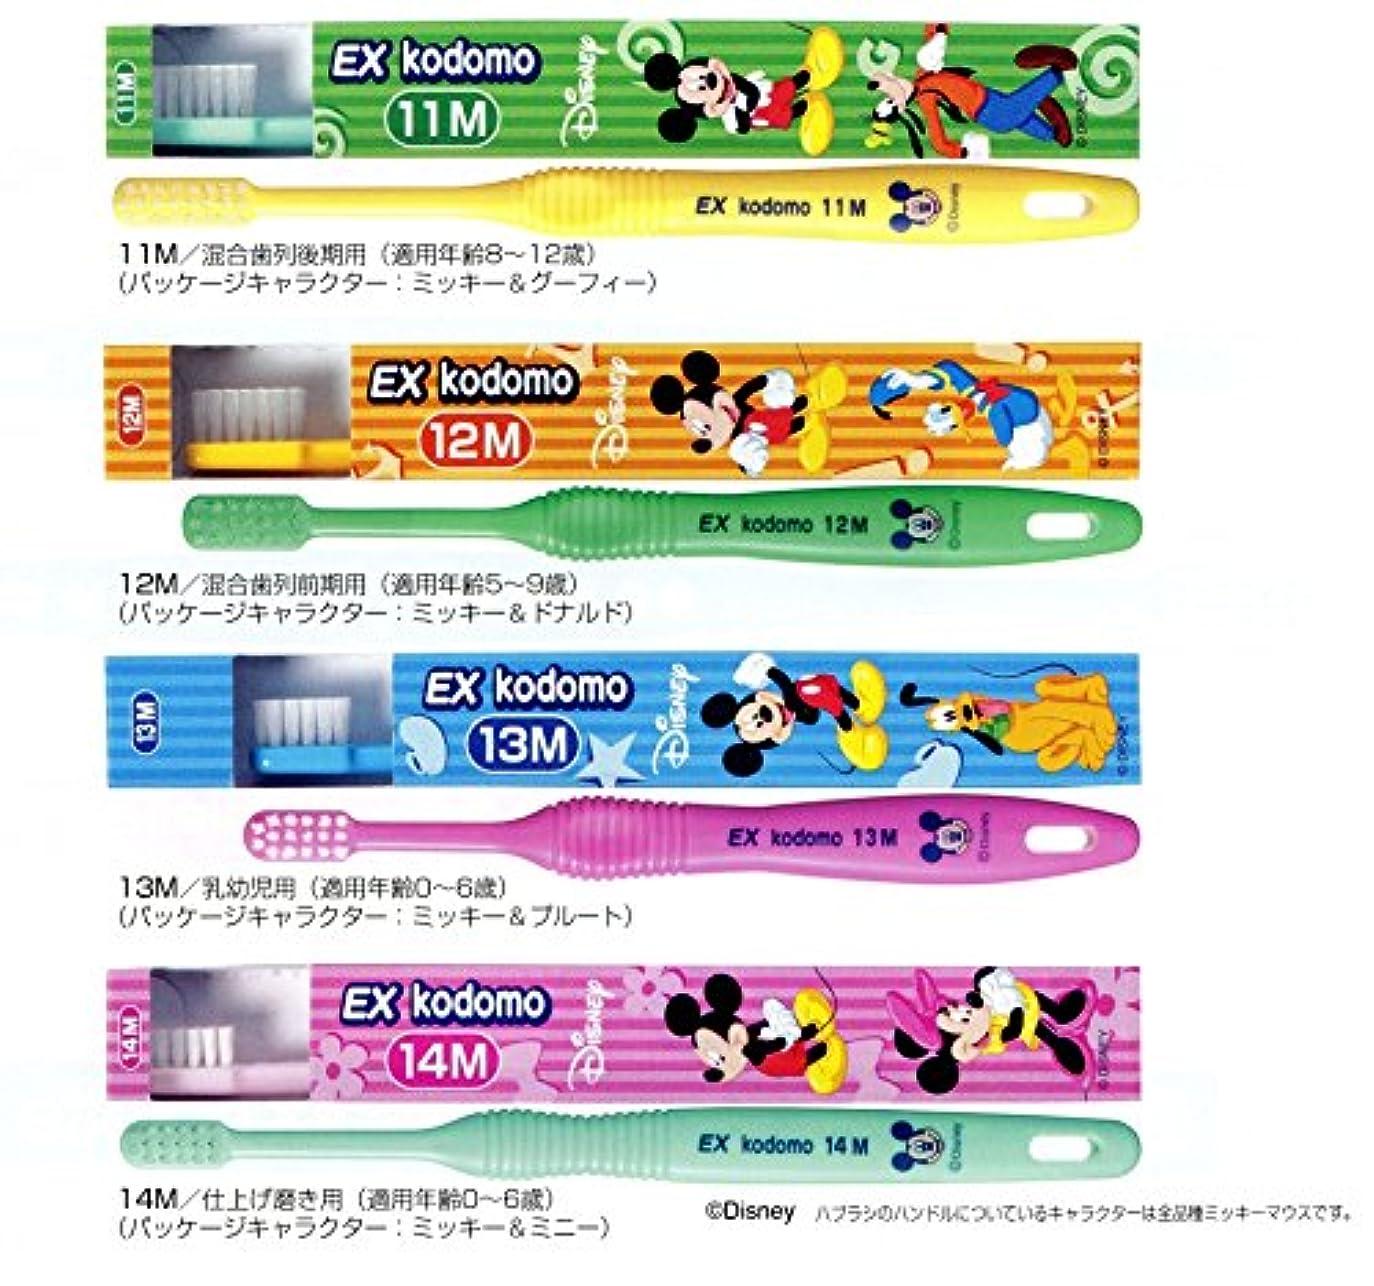 後世ピルファー緑ライオン コドモ ディズニー DENT.EX kodomo Disney 1本 14M イエロー (仕上げ磨き用?0?6歳)